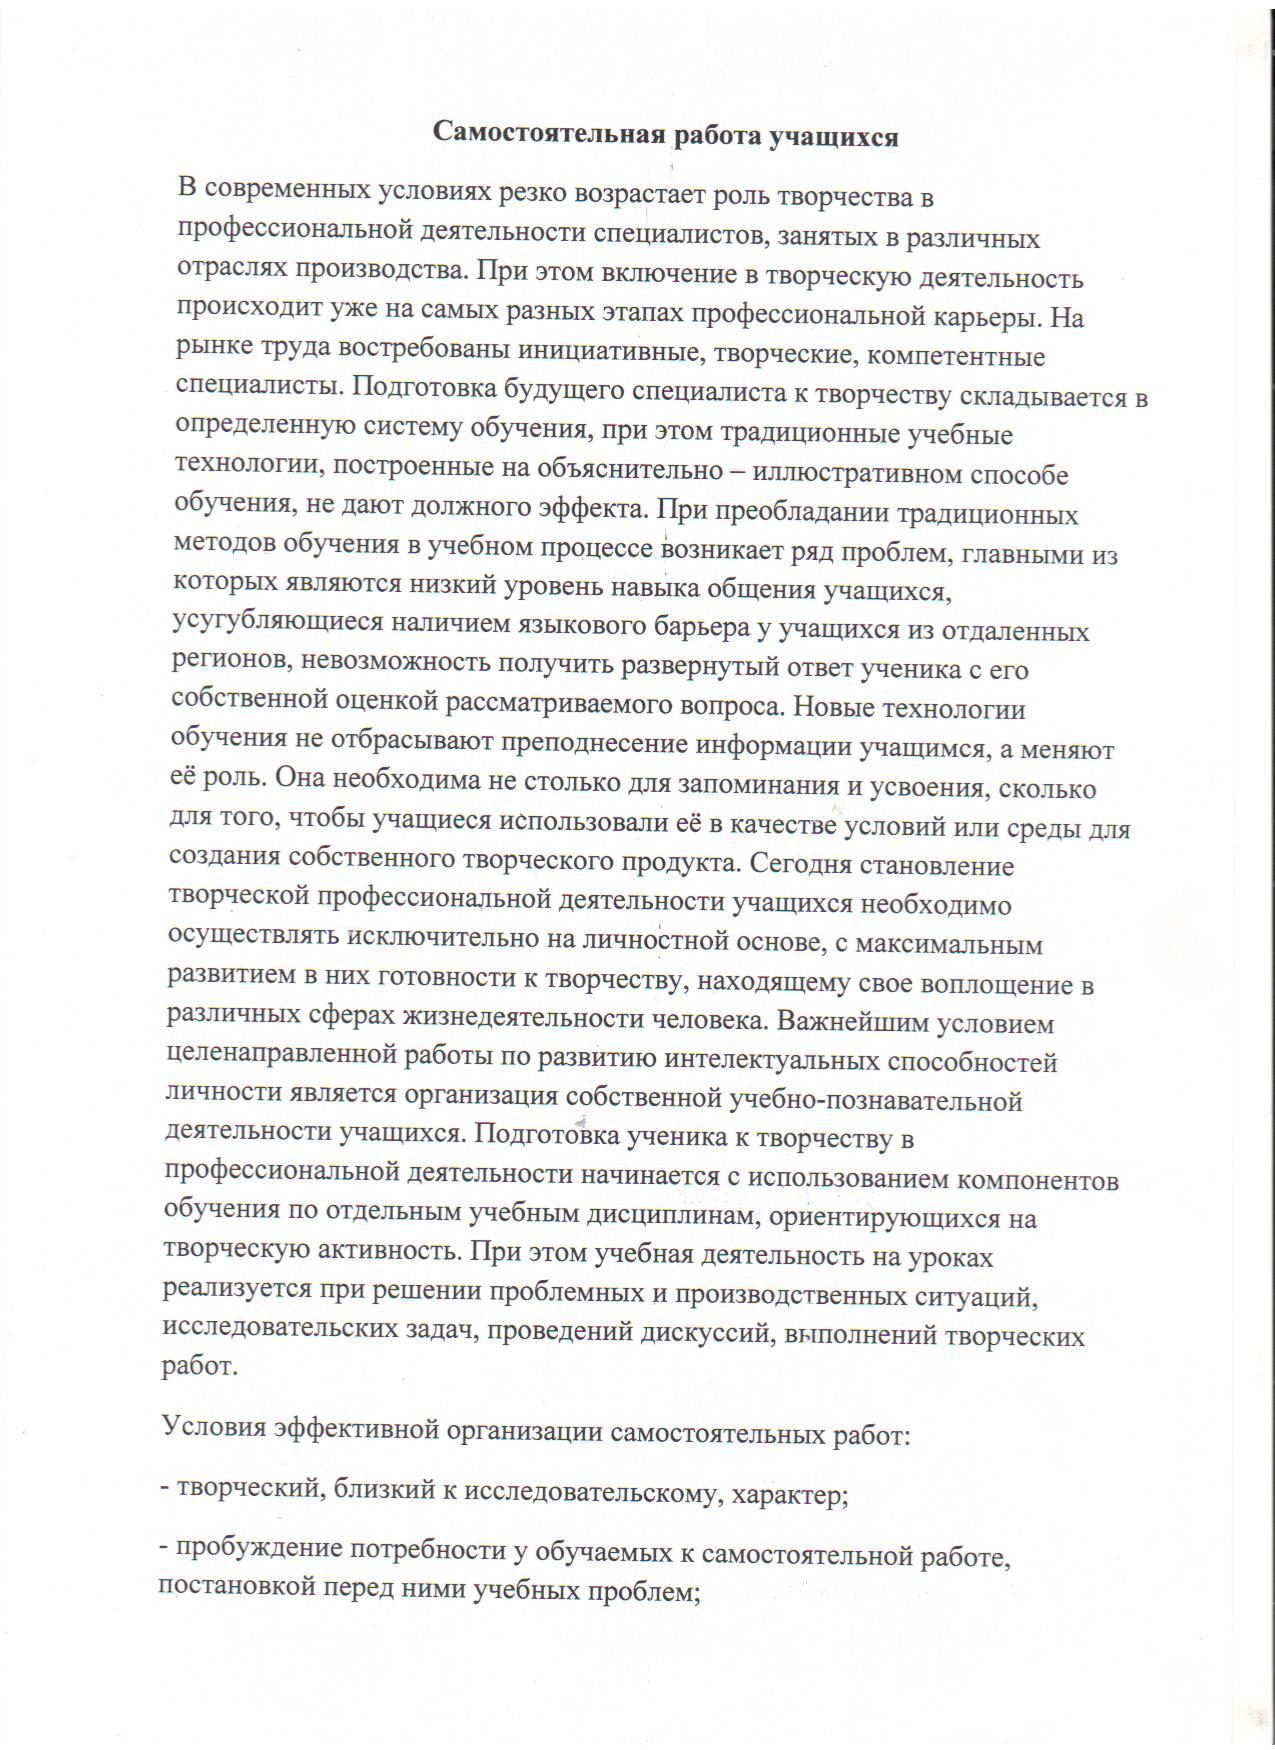 H:\СРС Сидоркин\Самостоятельная работа студентов.jpg